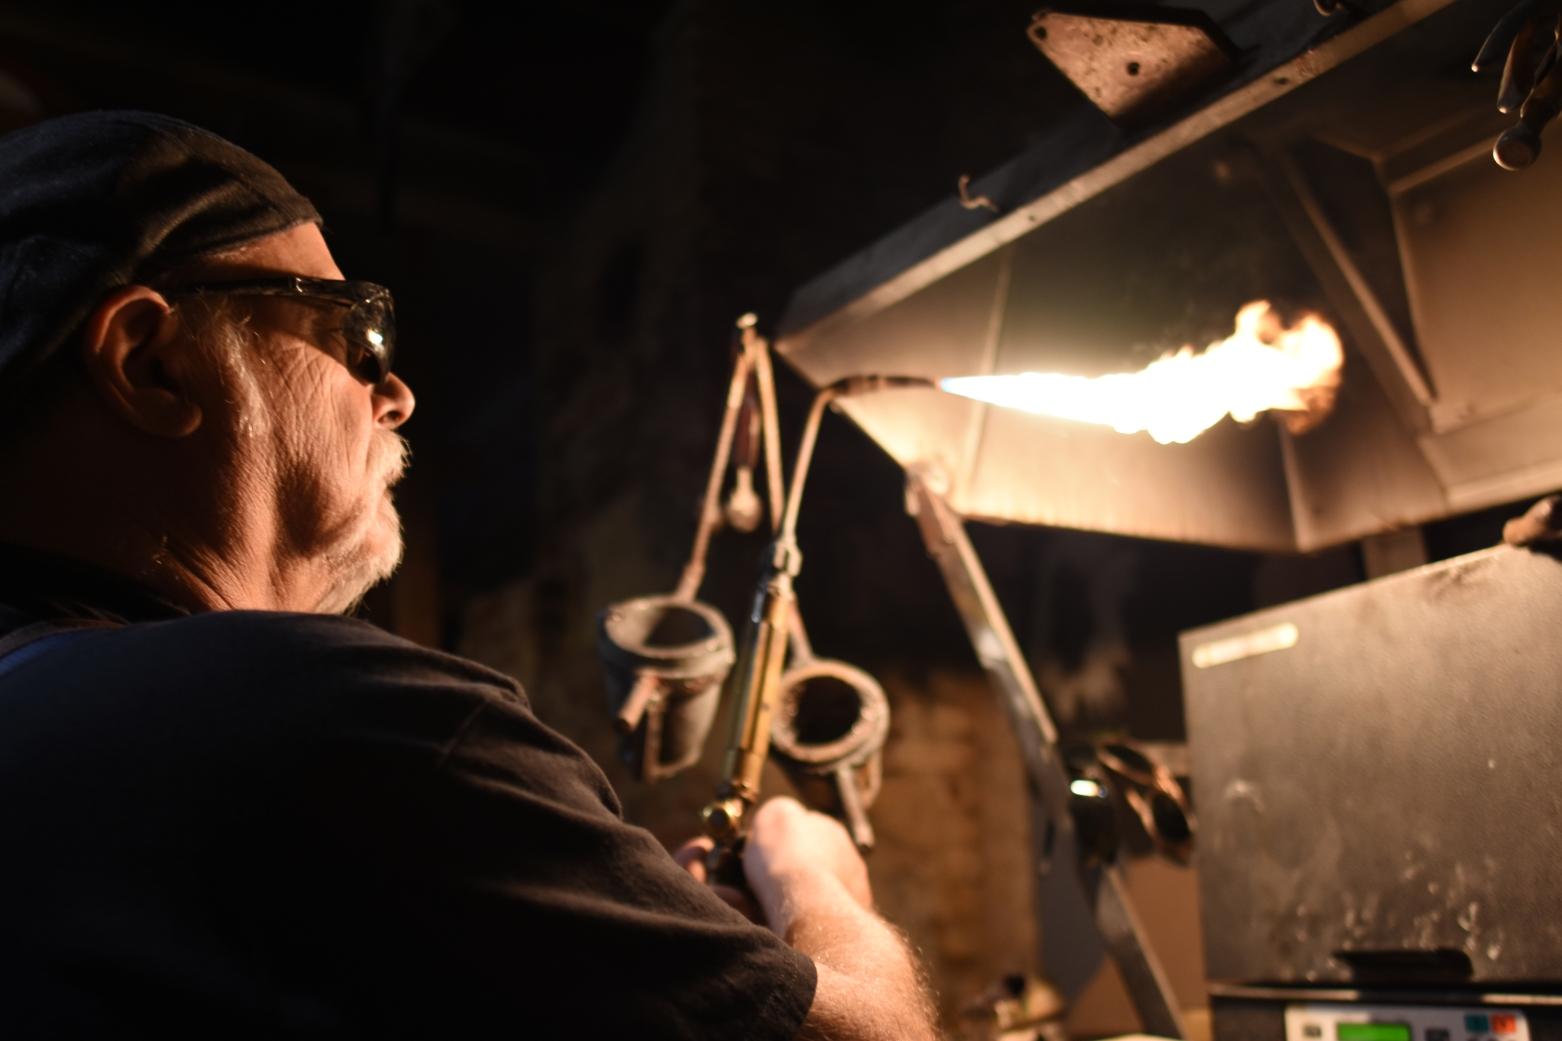 Daniel Macchiarini, owner of jewelry shop Macchiarini Creative Design, uses a propane torch to melt silver into a casting mold at his shop in San Francisco.